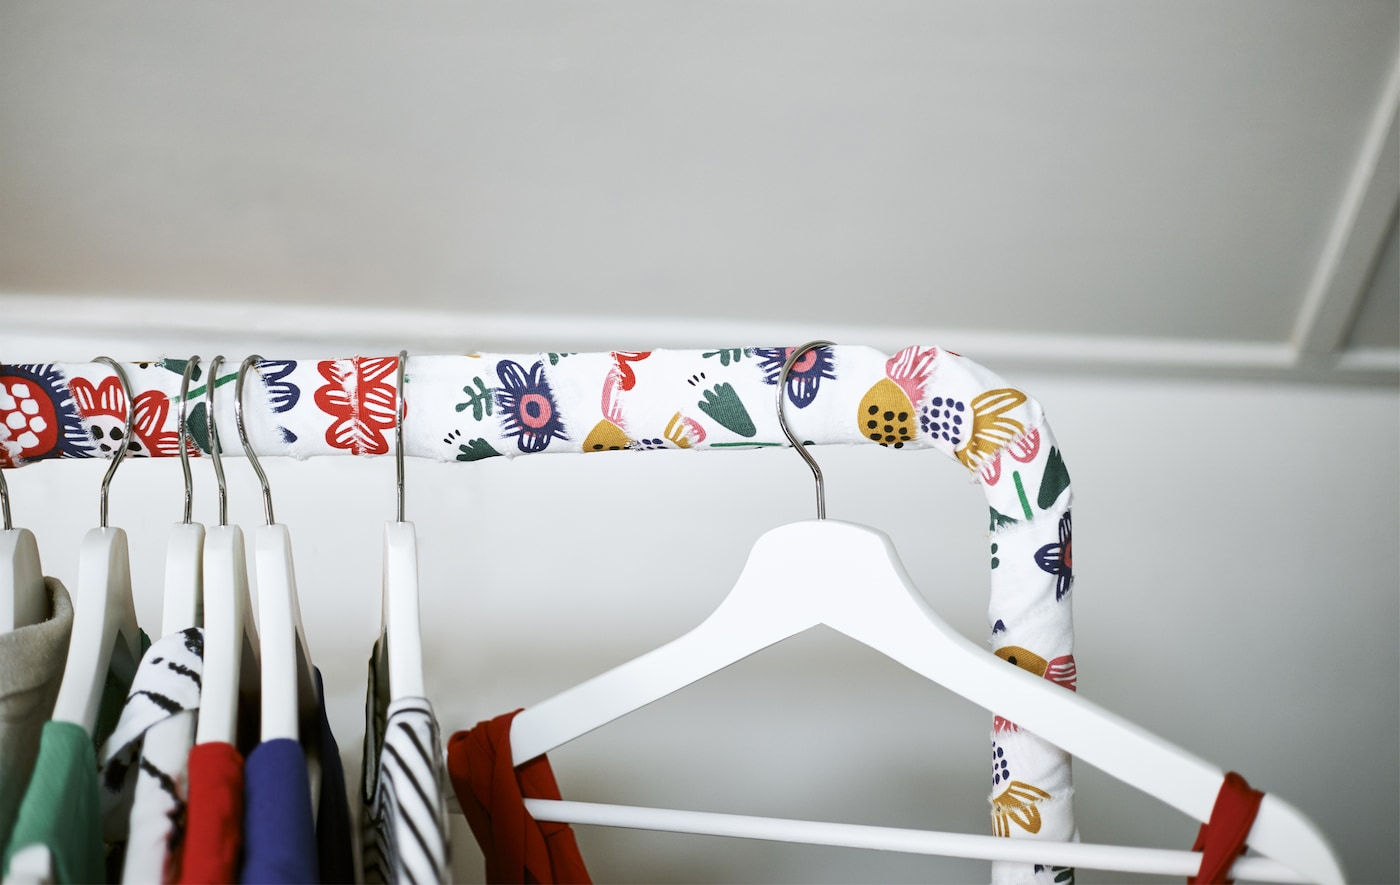 Gros plan sur une tringle à vêtements recouverte de tissu, avec des vêtements sur des cintres.